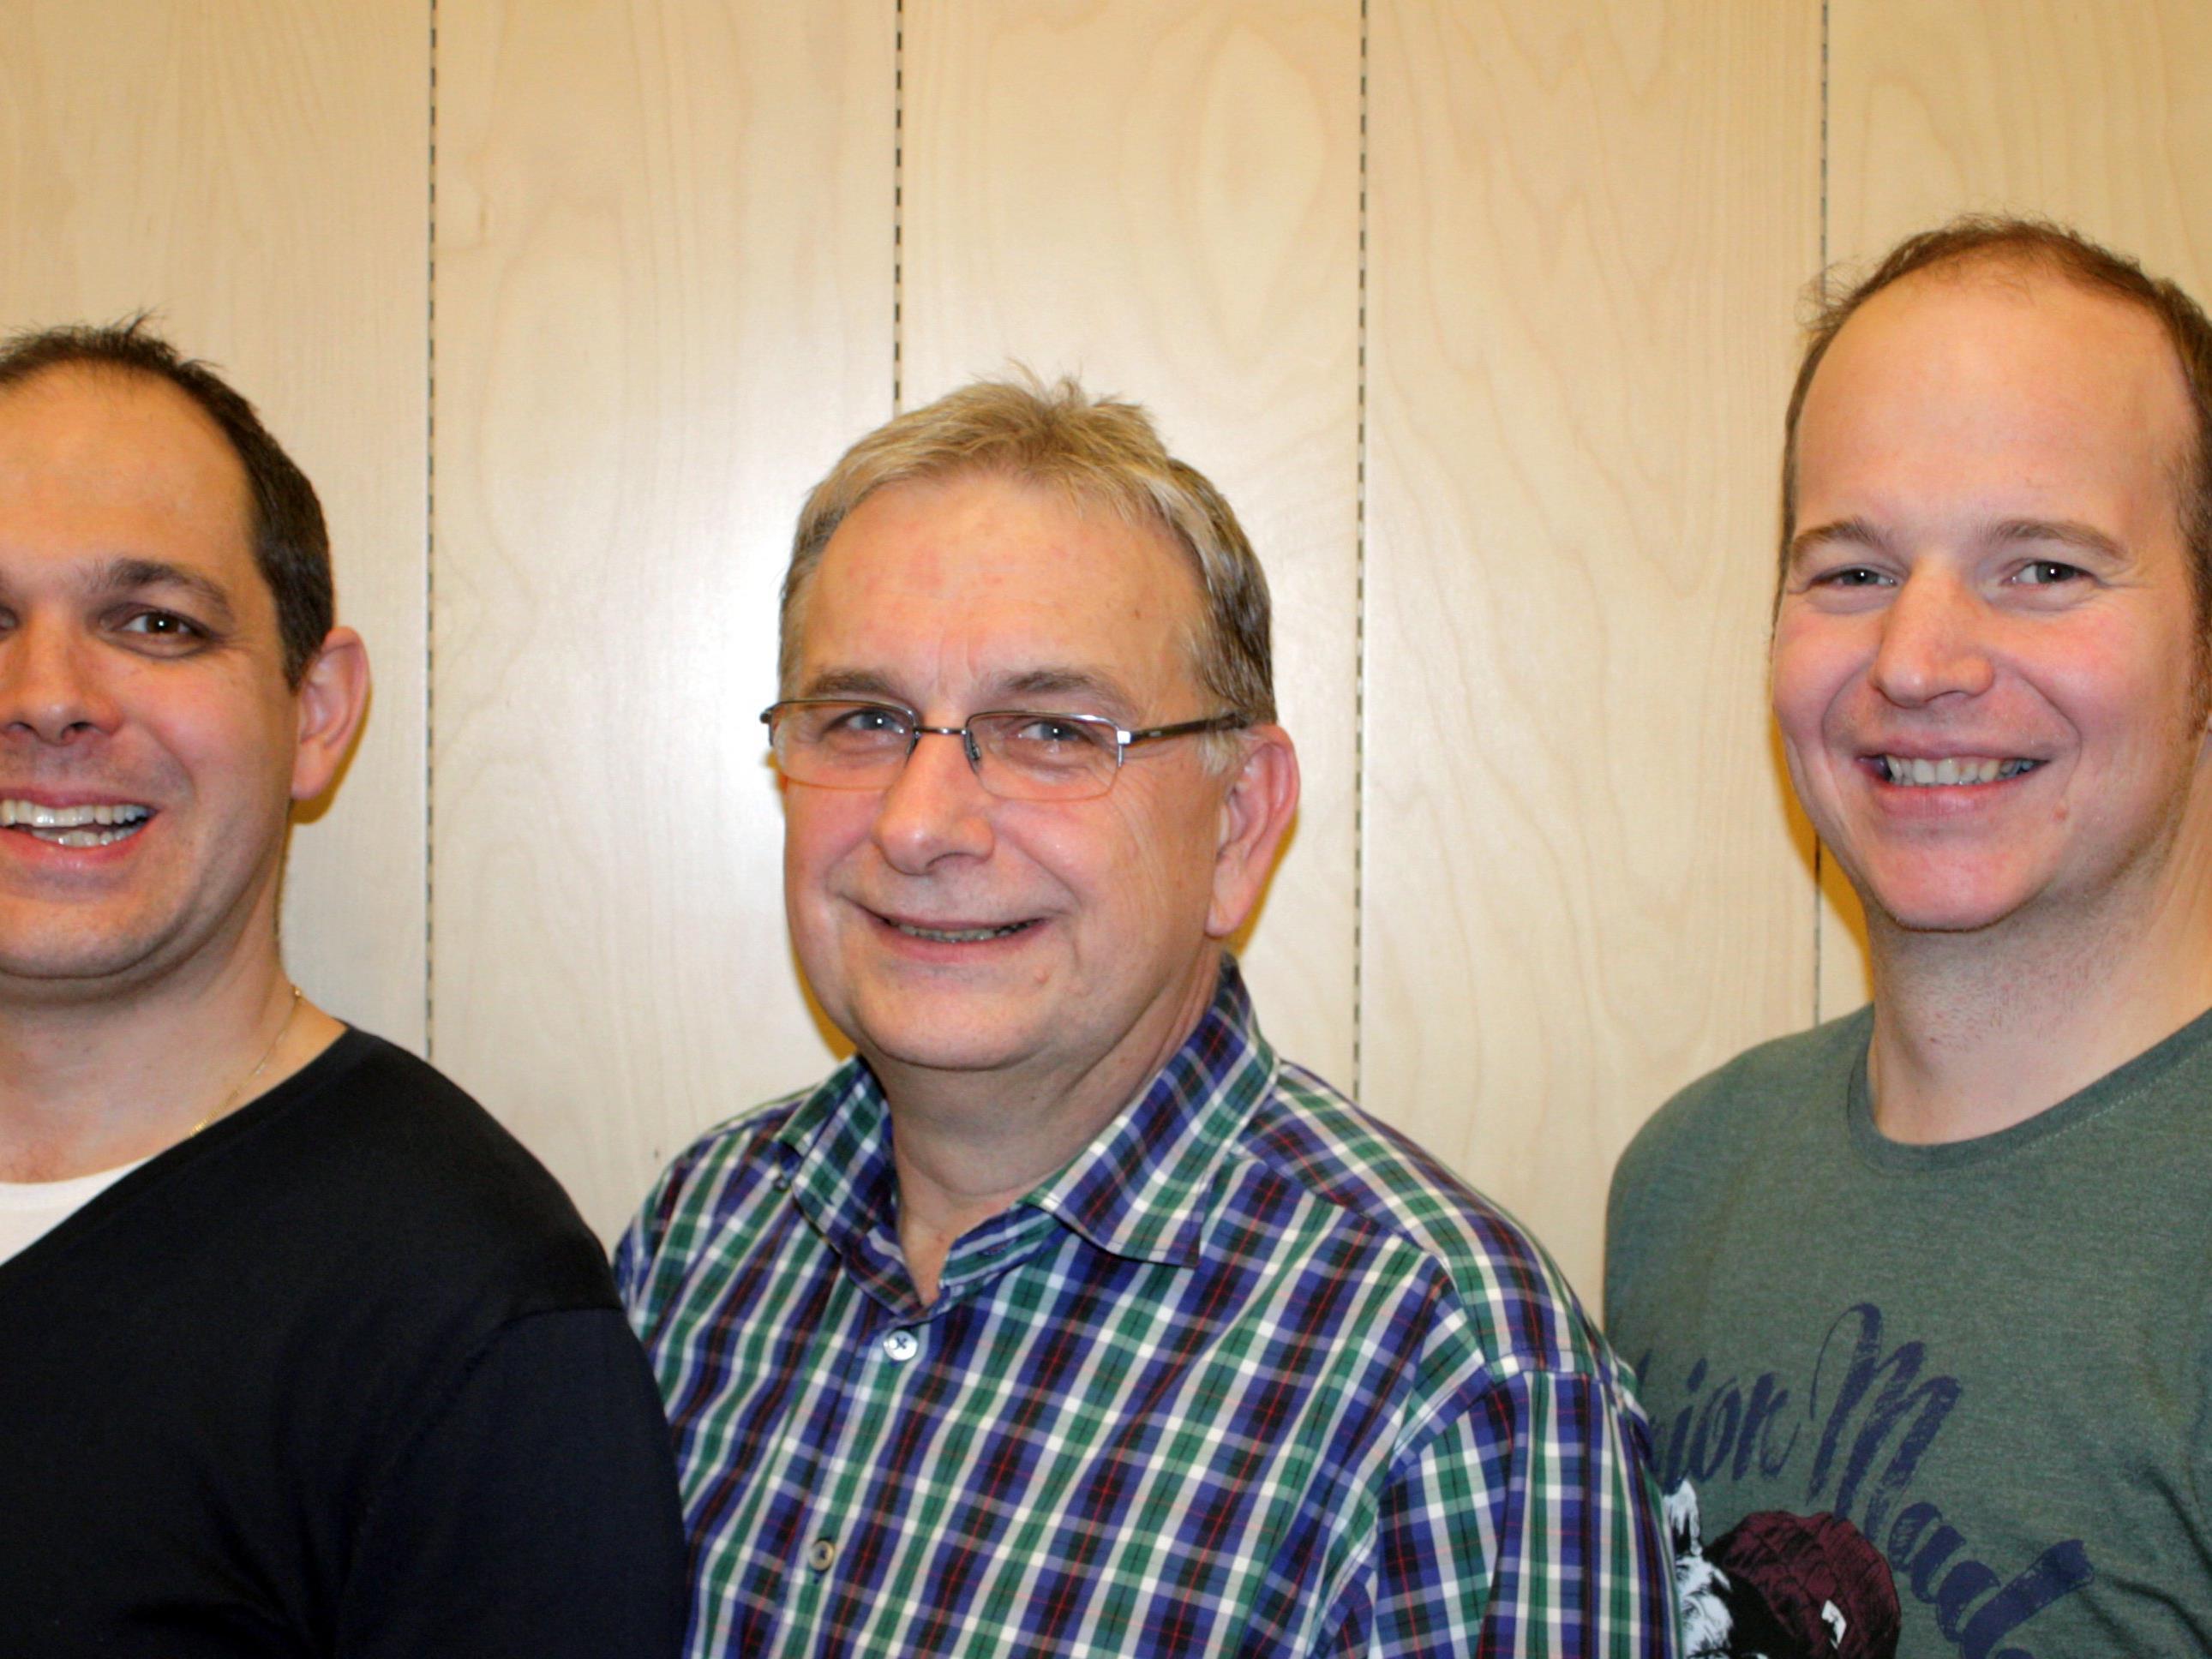 Christoph Gmeiner, Karl-Heinz Schlachter und Joachim Flatz vom MV Concordia (v.l.)